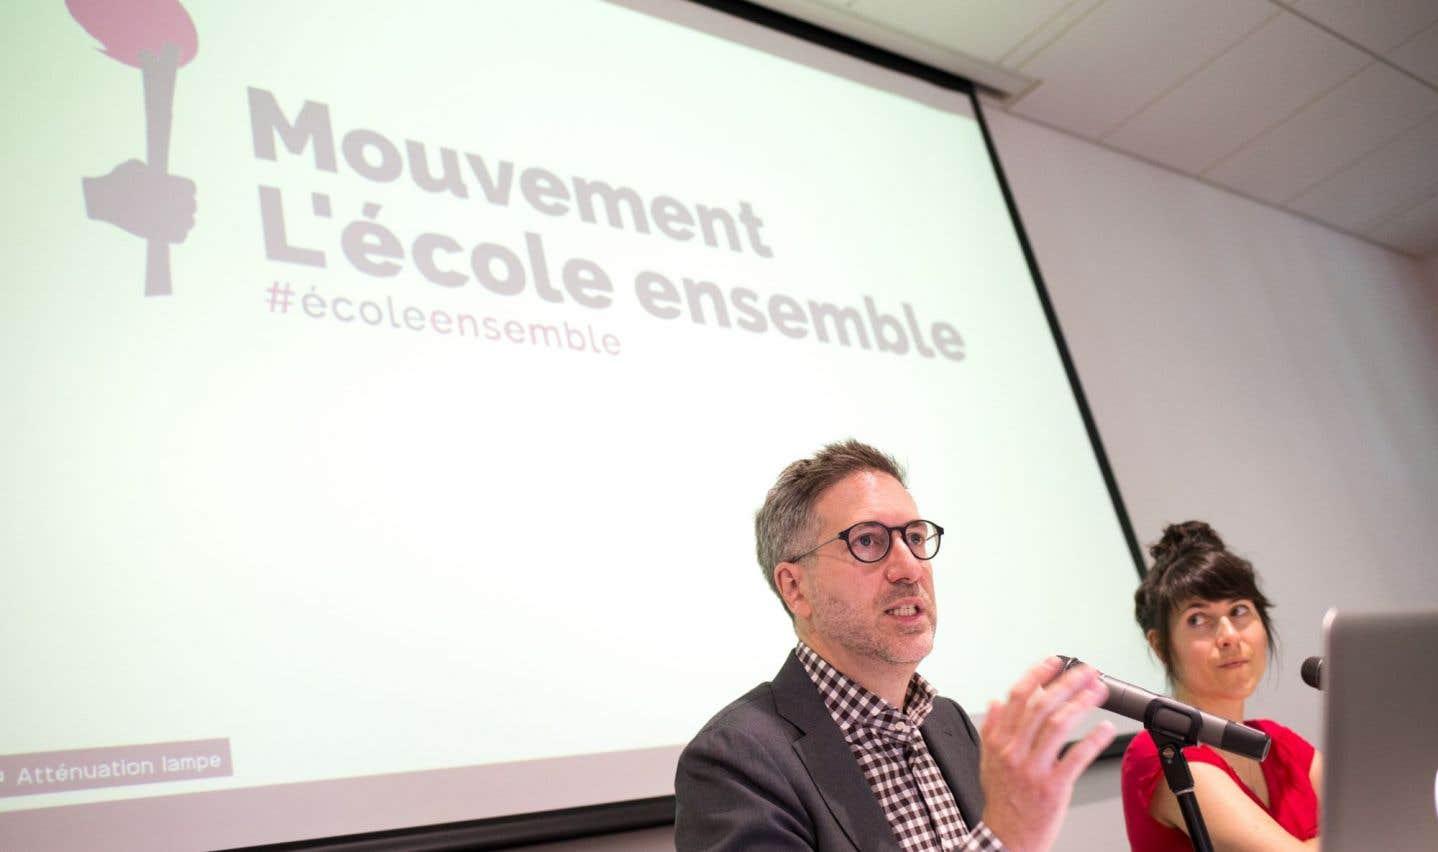 Des parents veulent mettre fin à la «ségrégation scolaire»